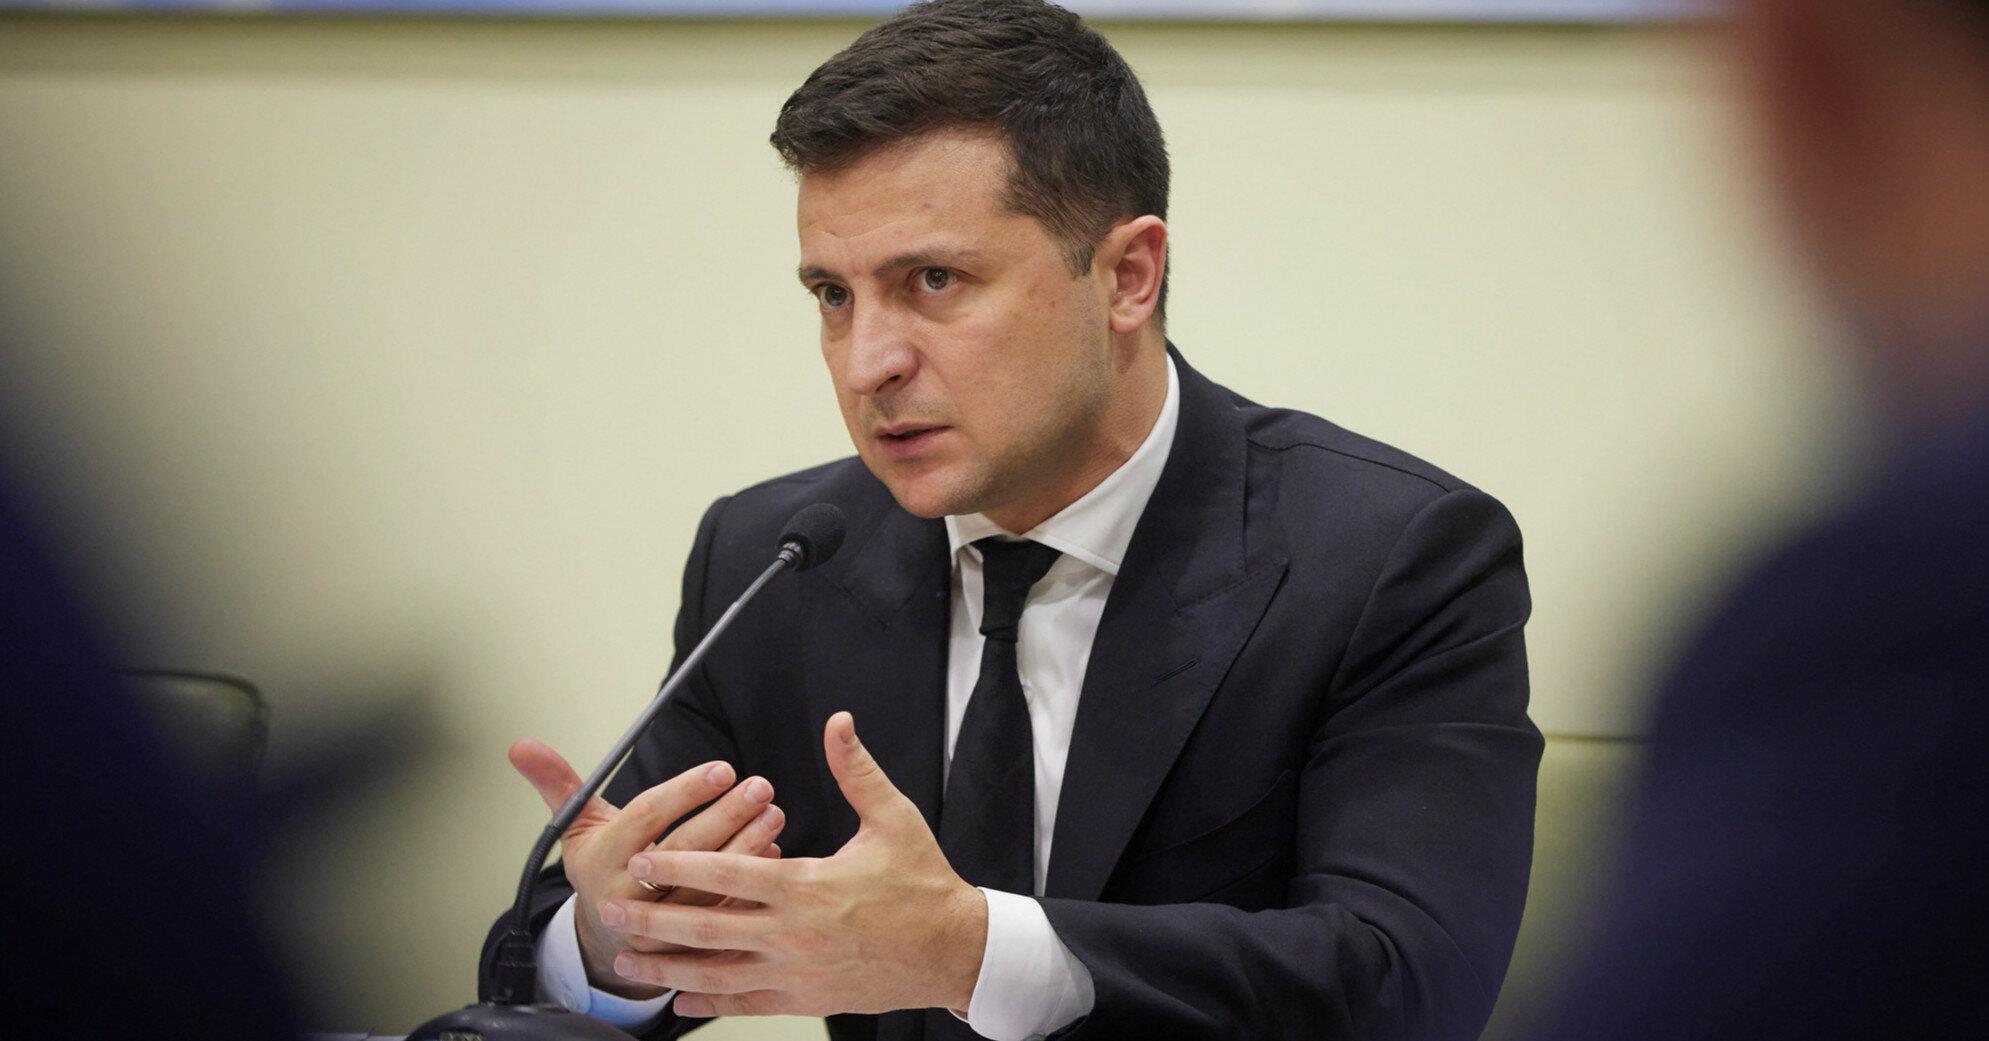 Зеленский пожаловался, что Меркель мало помогала Украине